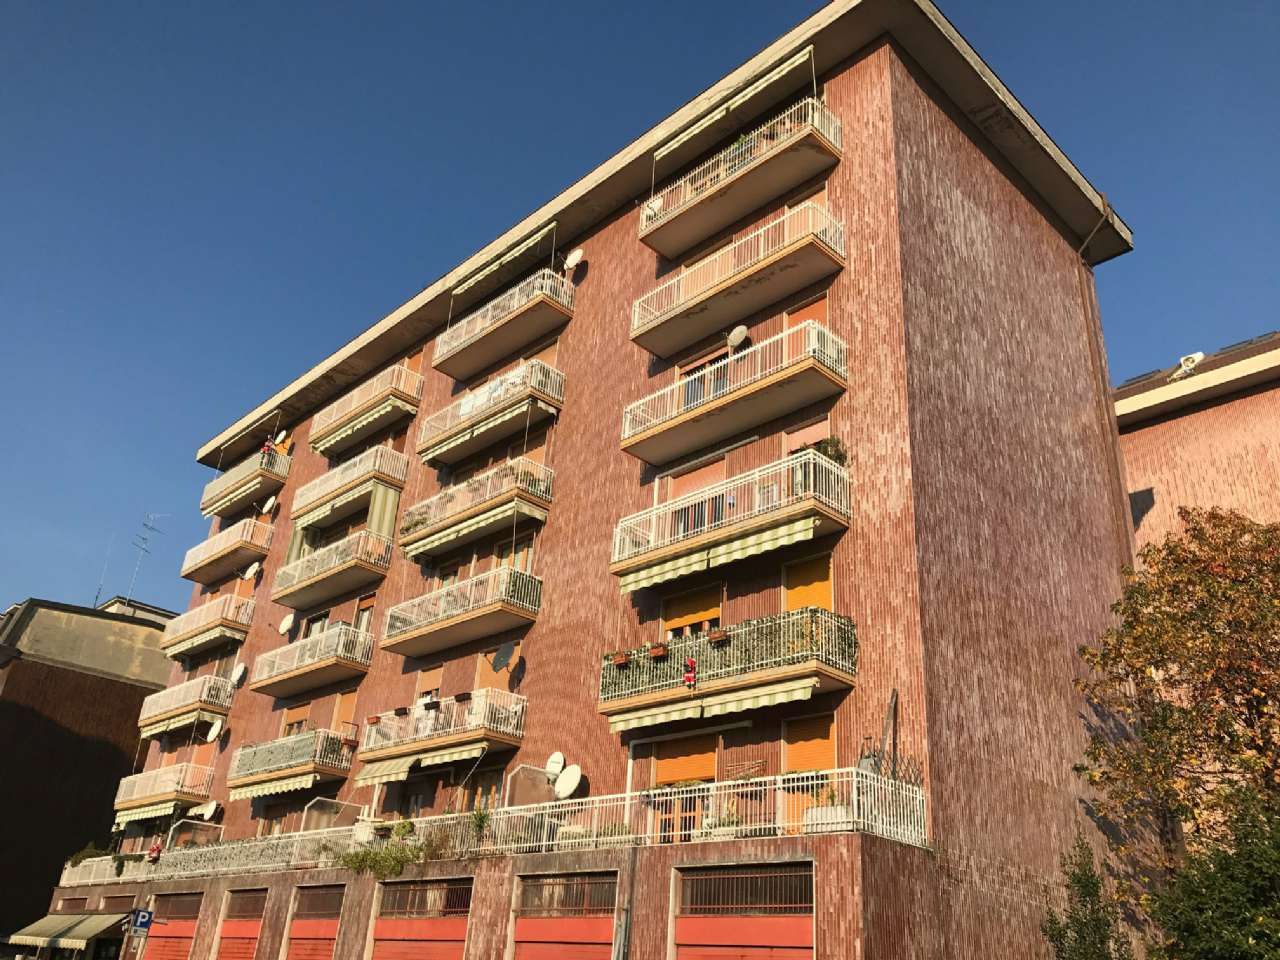 Appartamento in vendita a Garbagnate Milanese, 3 locali, prezzo € 78.000 | Cambio Casa.it